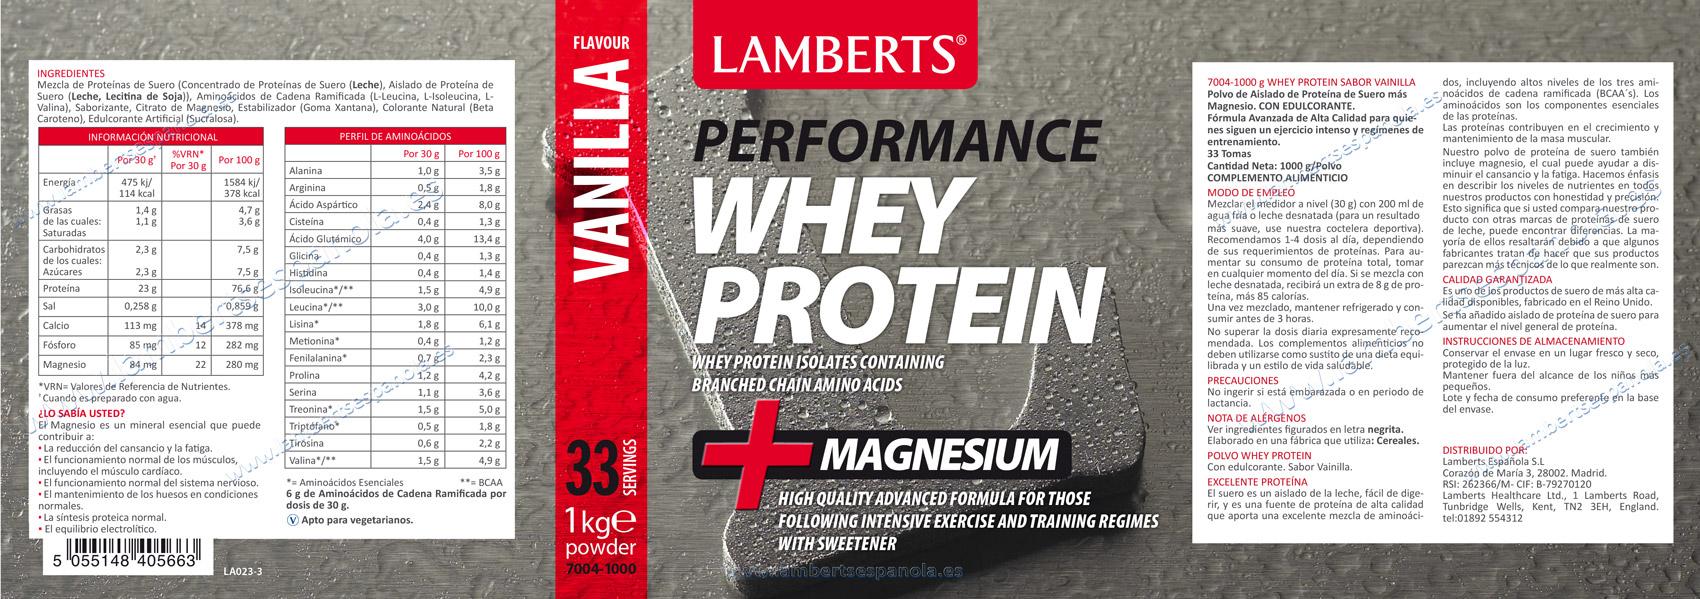 Proteína Whey Lamberts